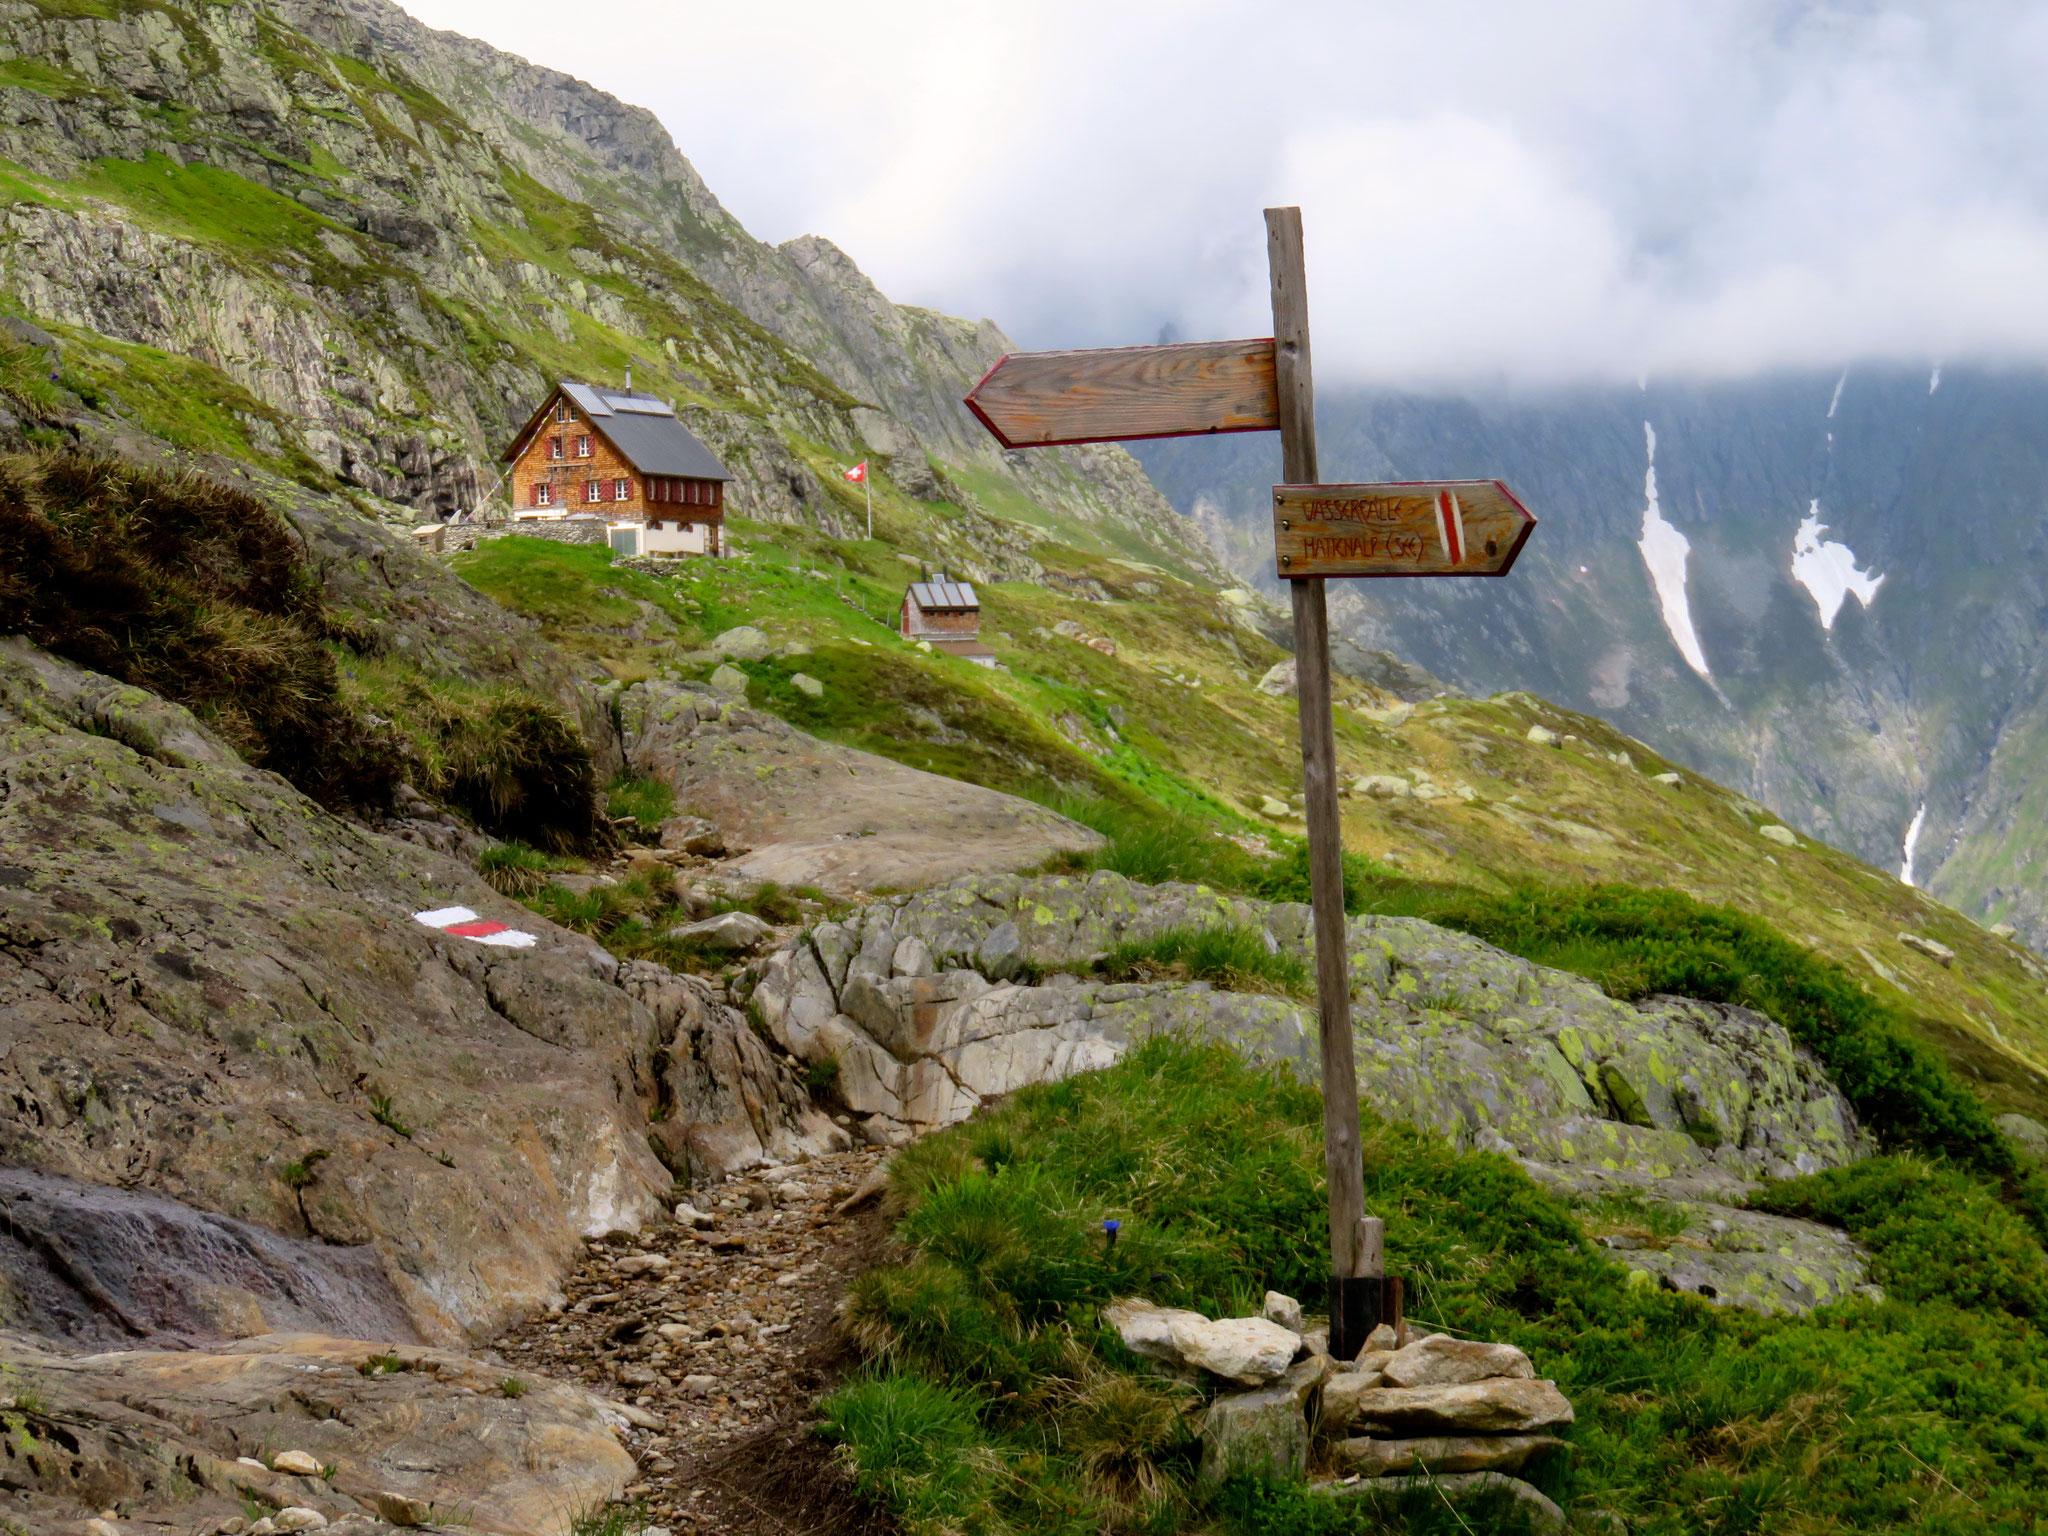 ... 25: Die Hütte ist offen, die Wegweiser stehen